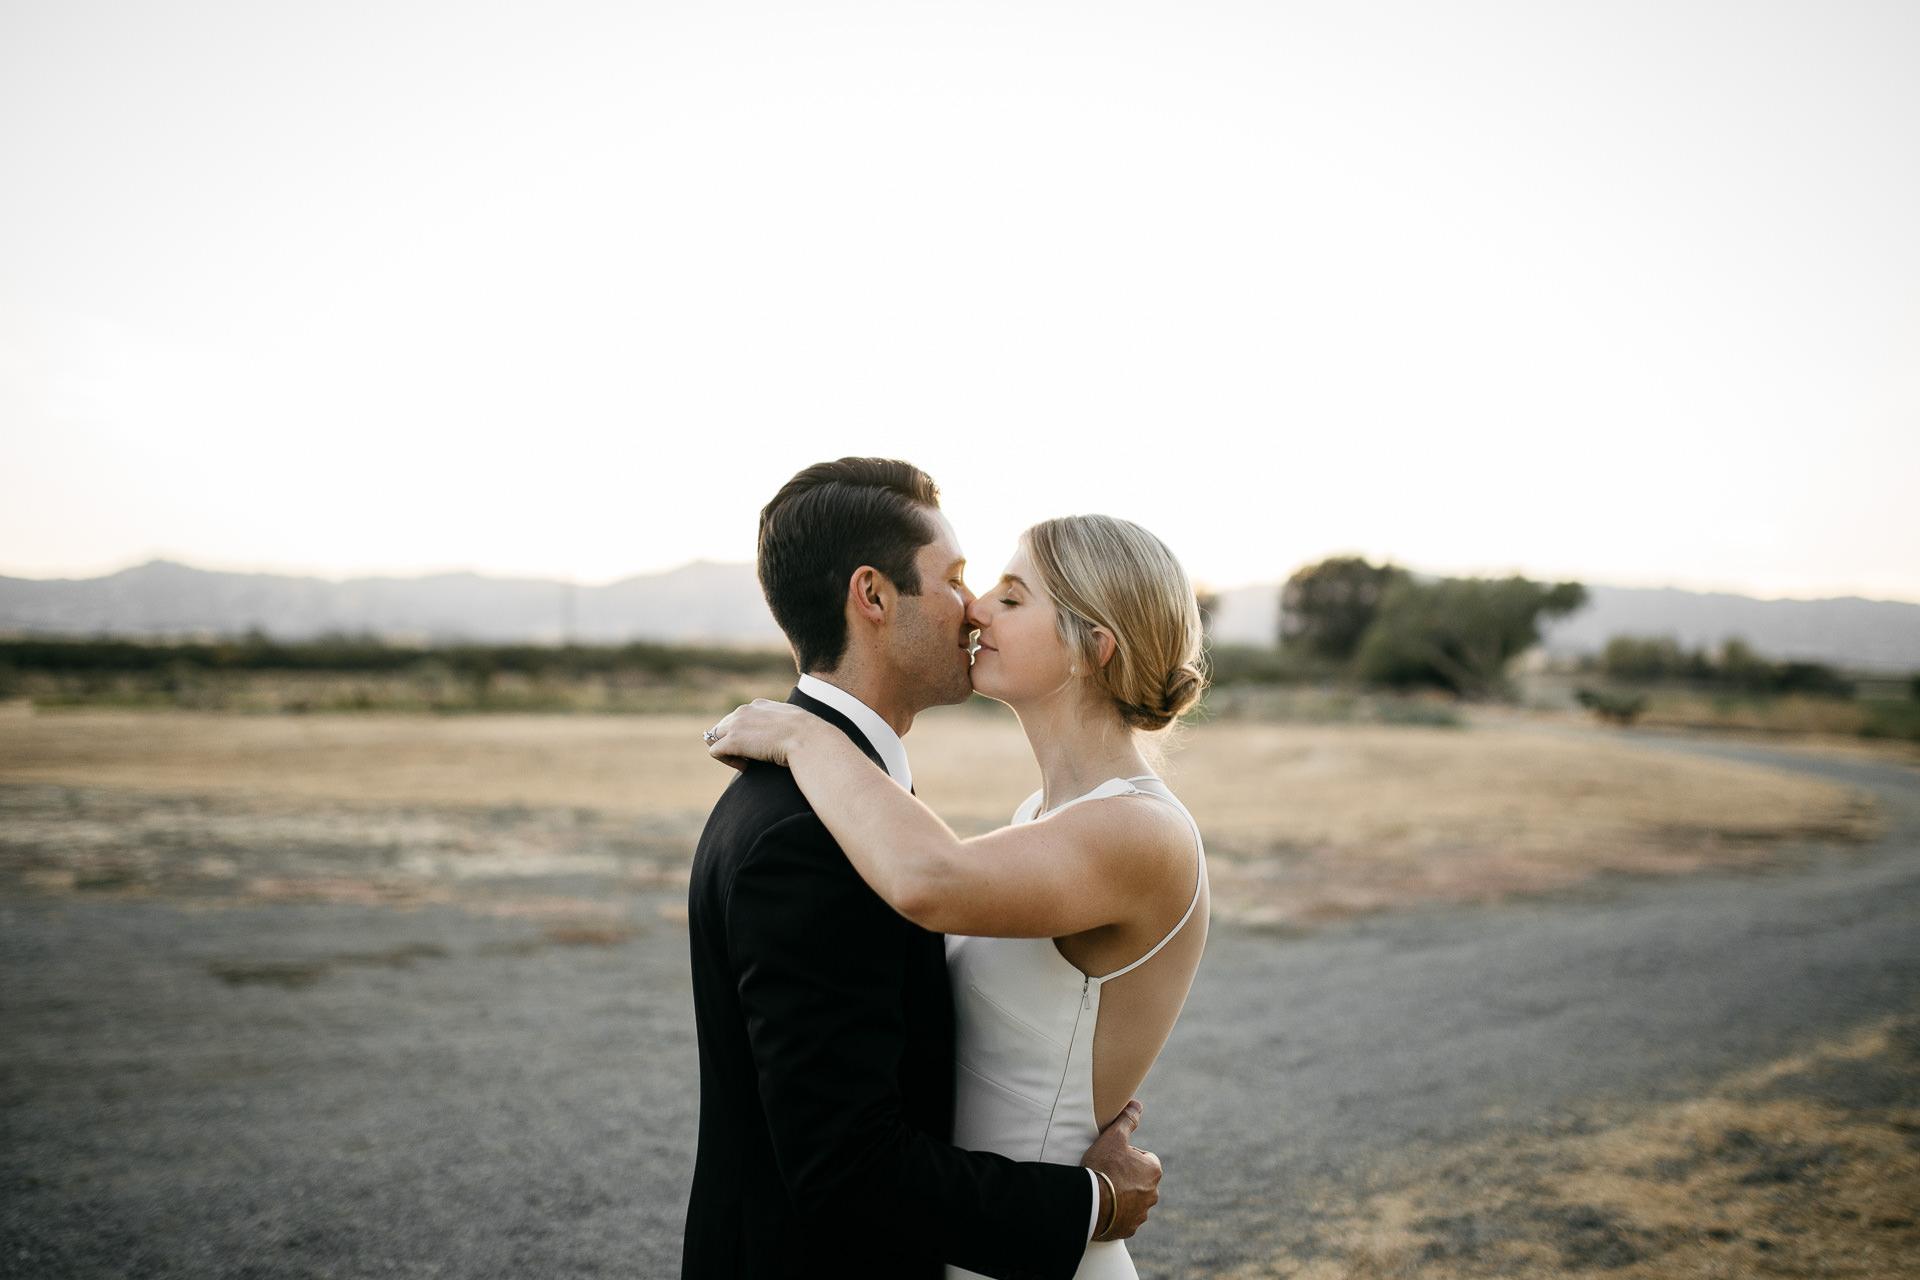 lauren_graham_wedding_california_park_winters_jeanlaurentgaudy_077